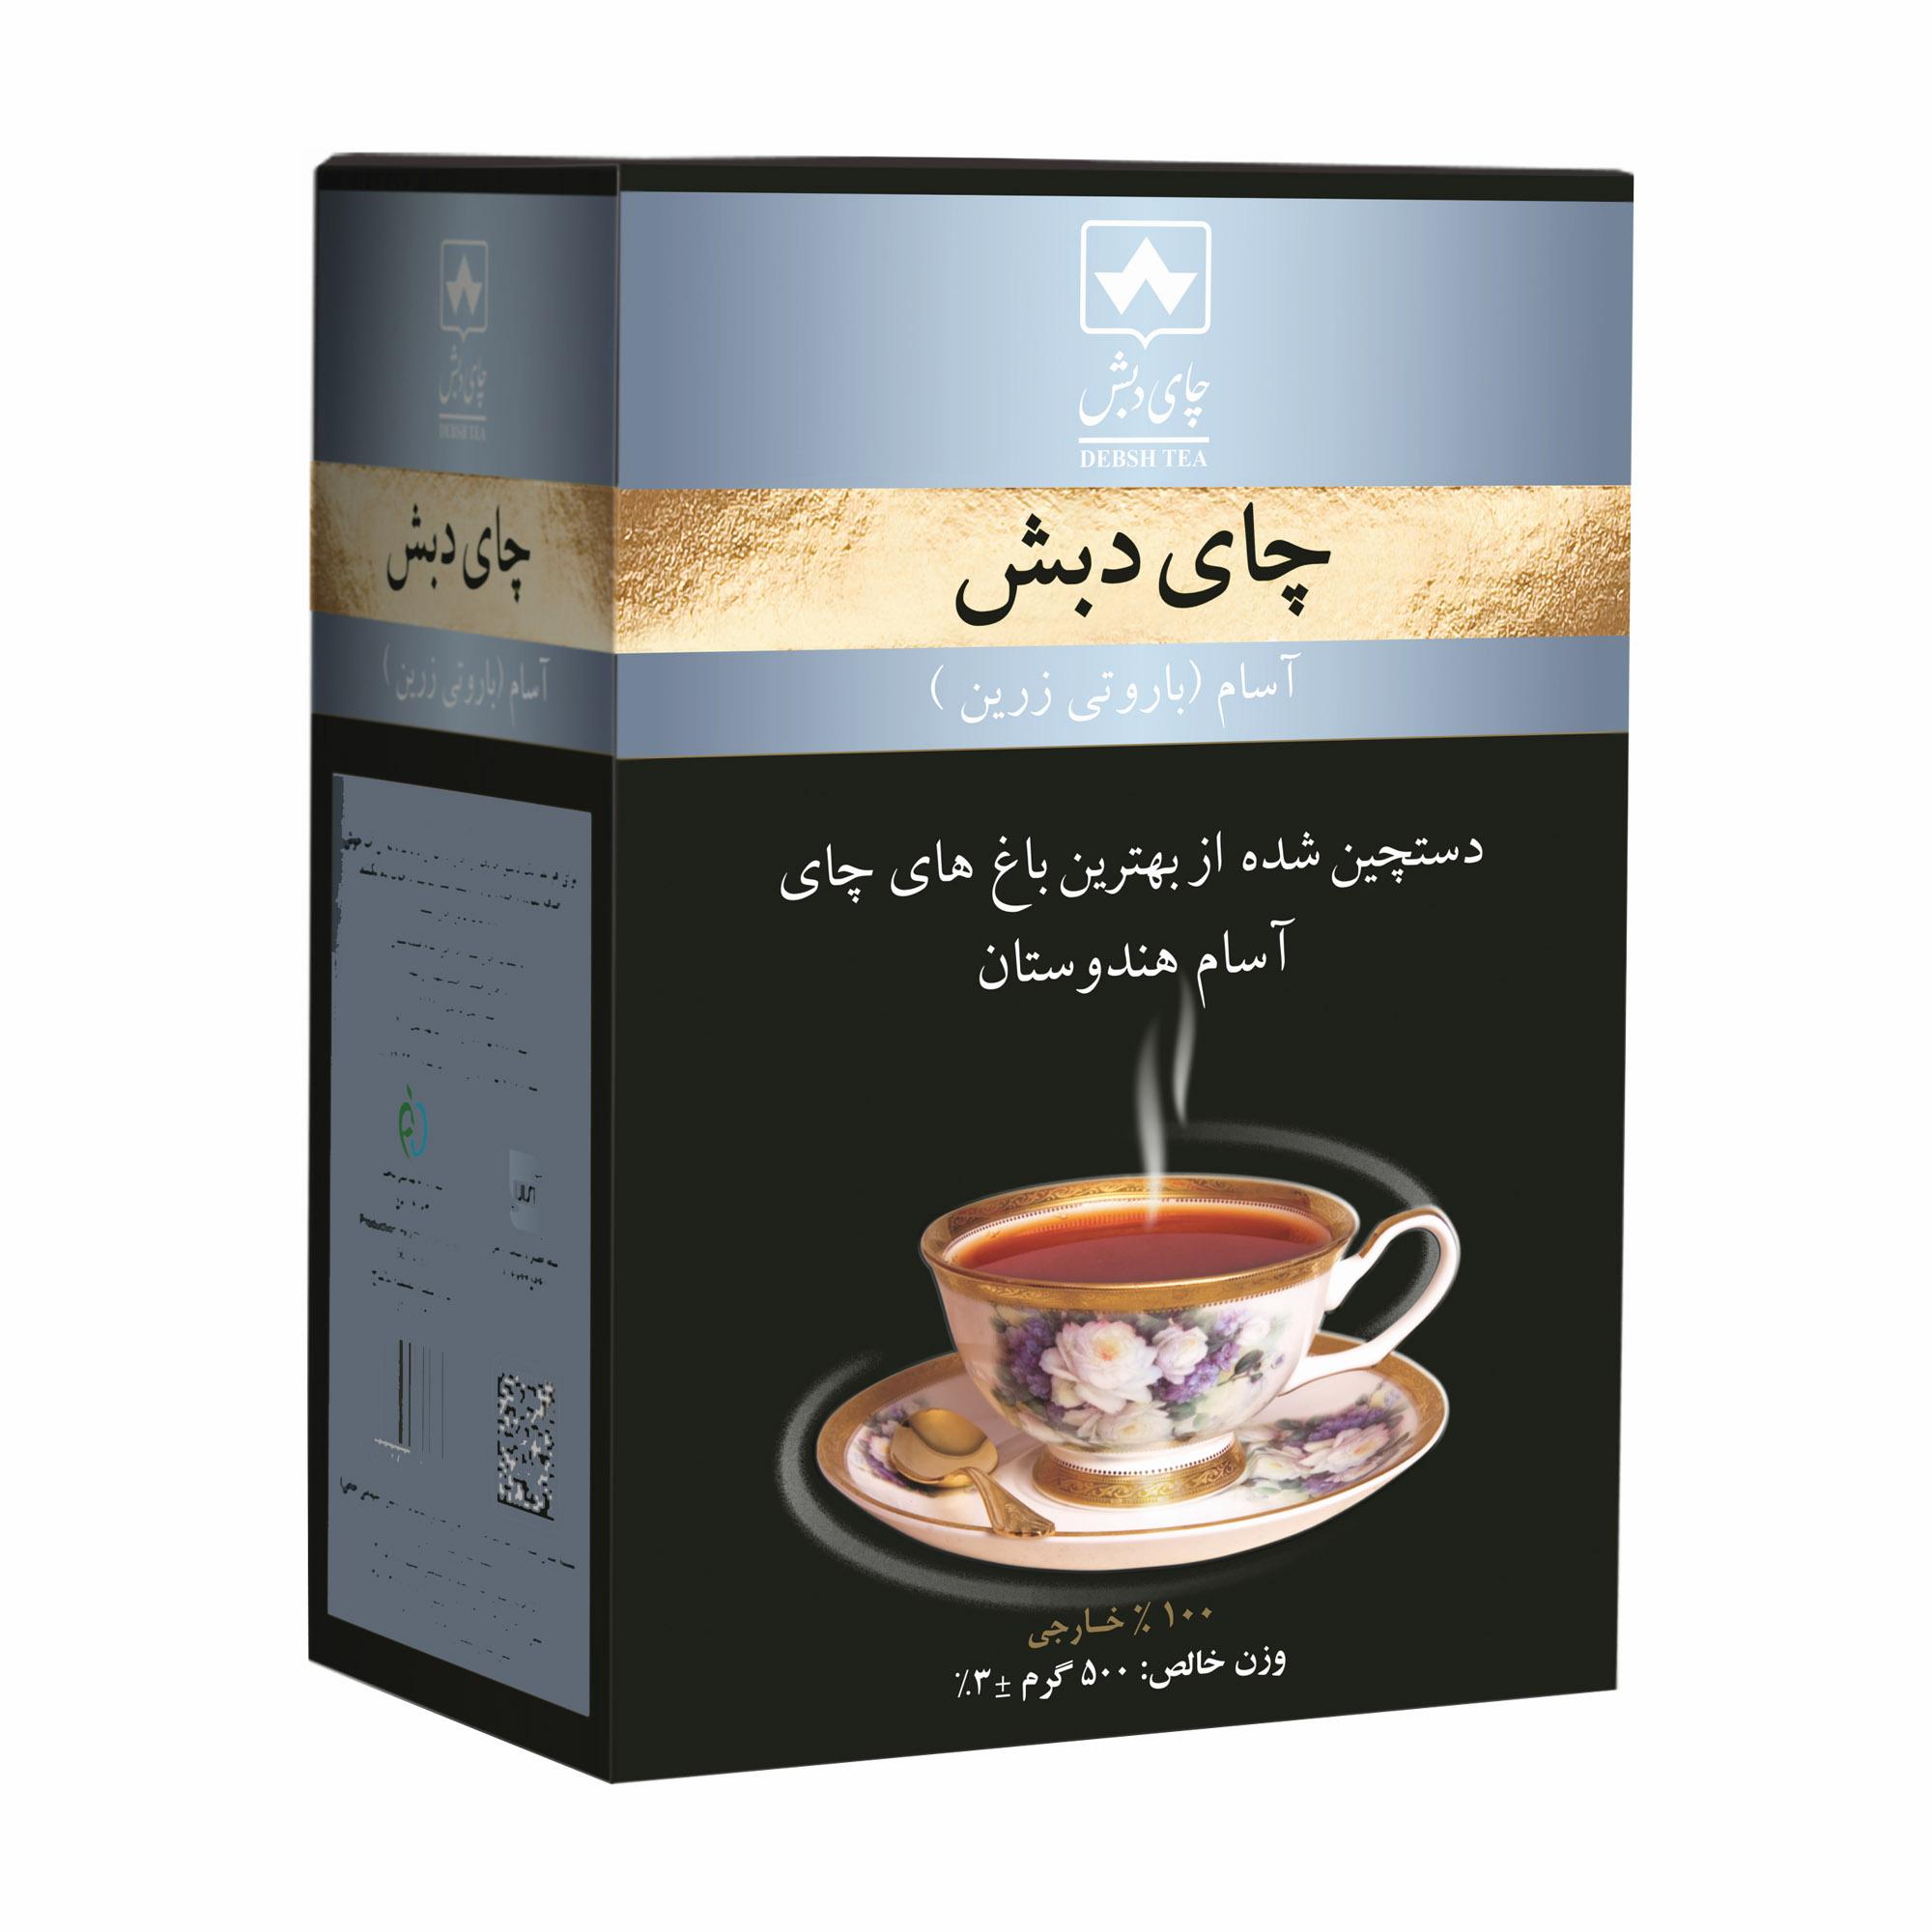 چای آسام باروتی چای دبش - 500 گرم